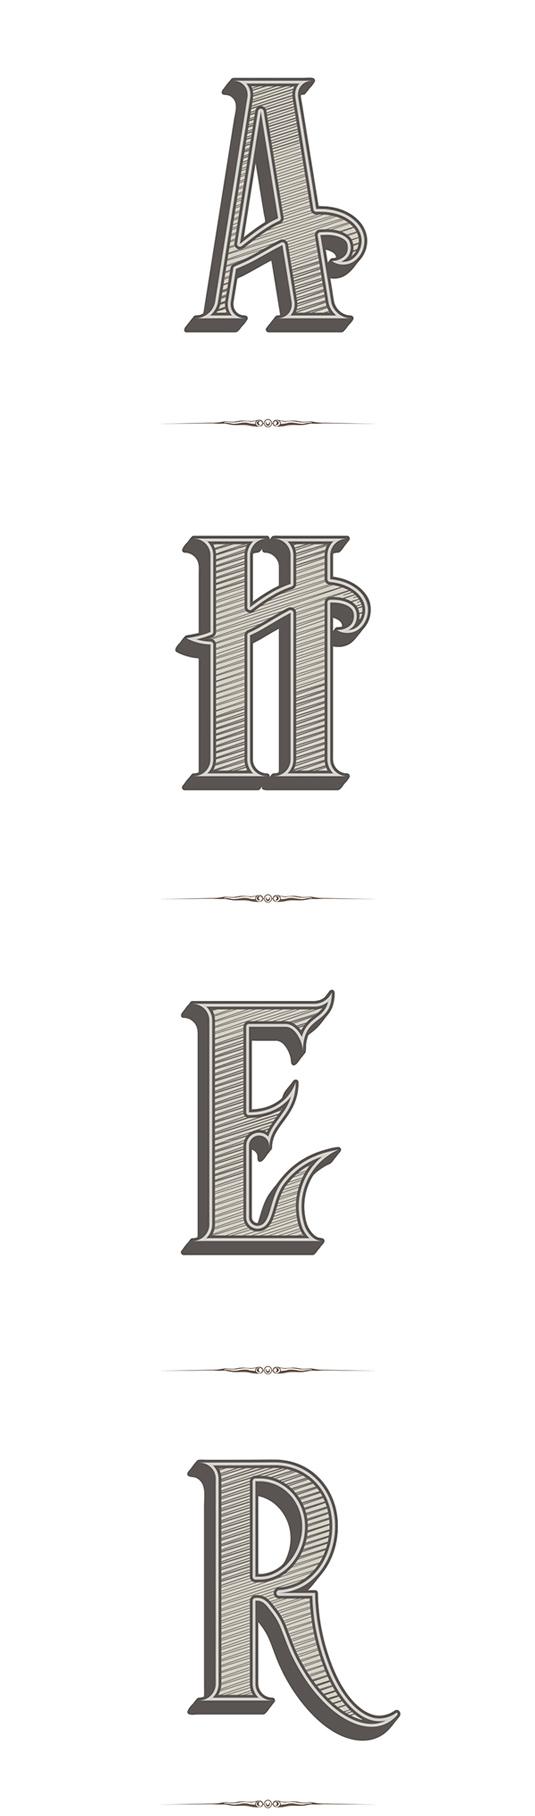 Free font: Hogshead